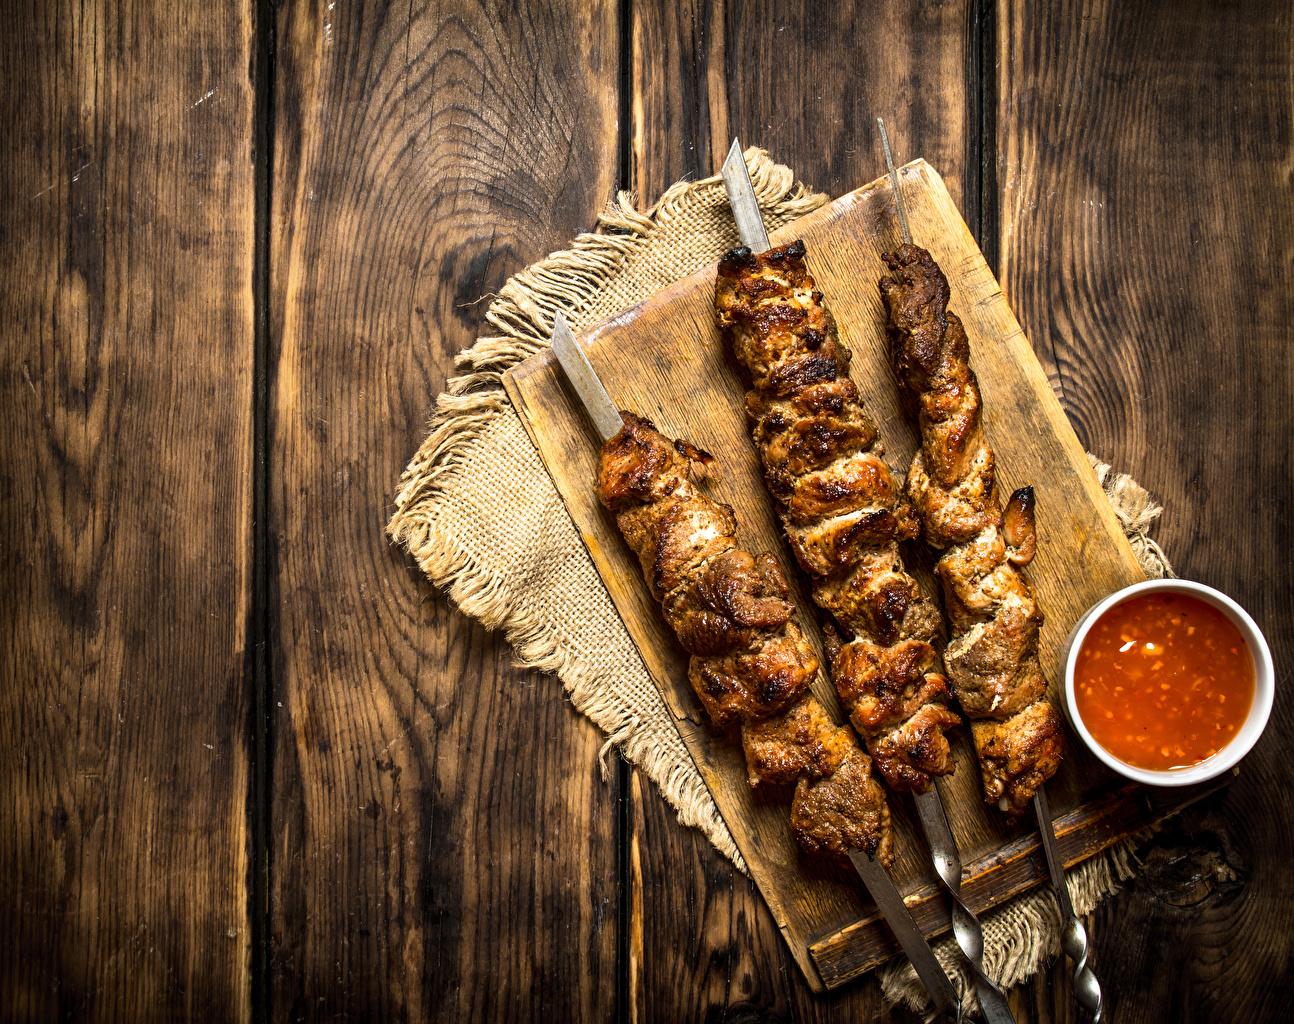 Картинка Шашлык Кетчуп Еда втроем Доски Пища Трое 3 Продукты питания